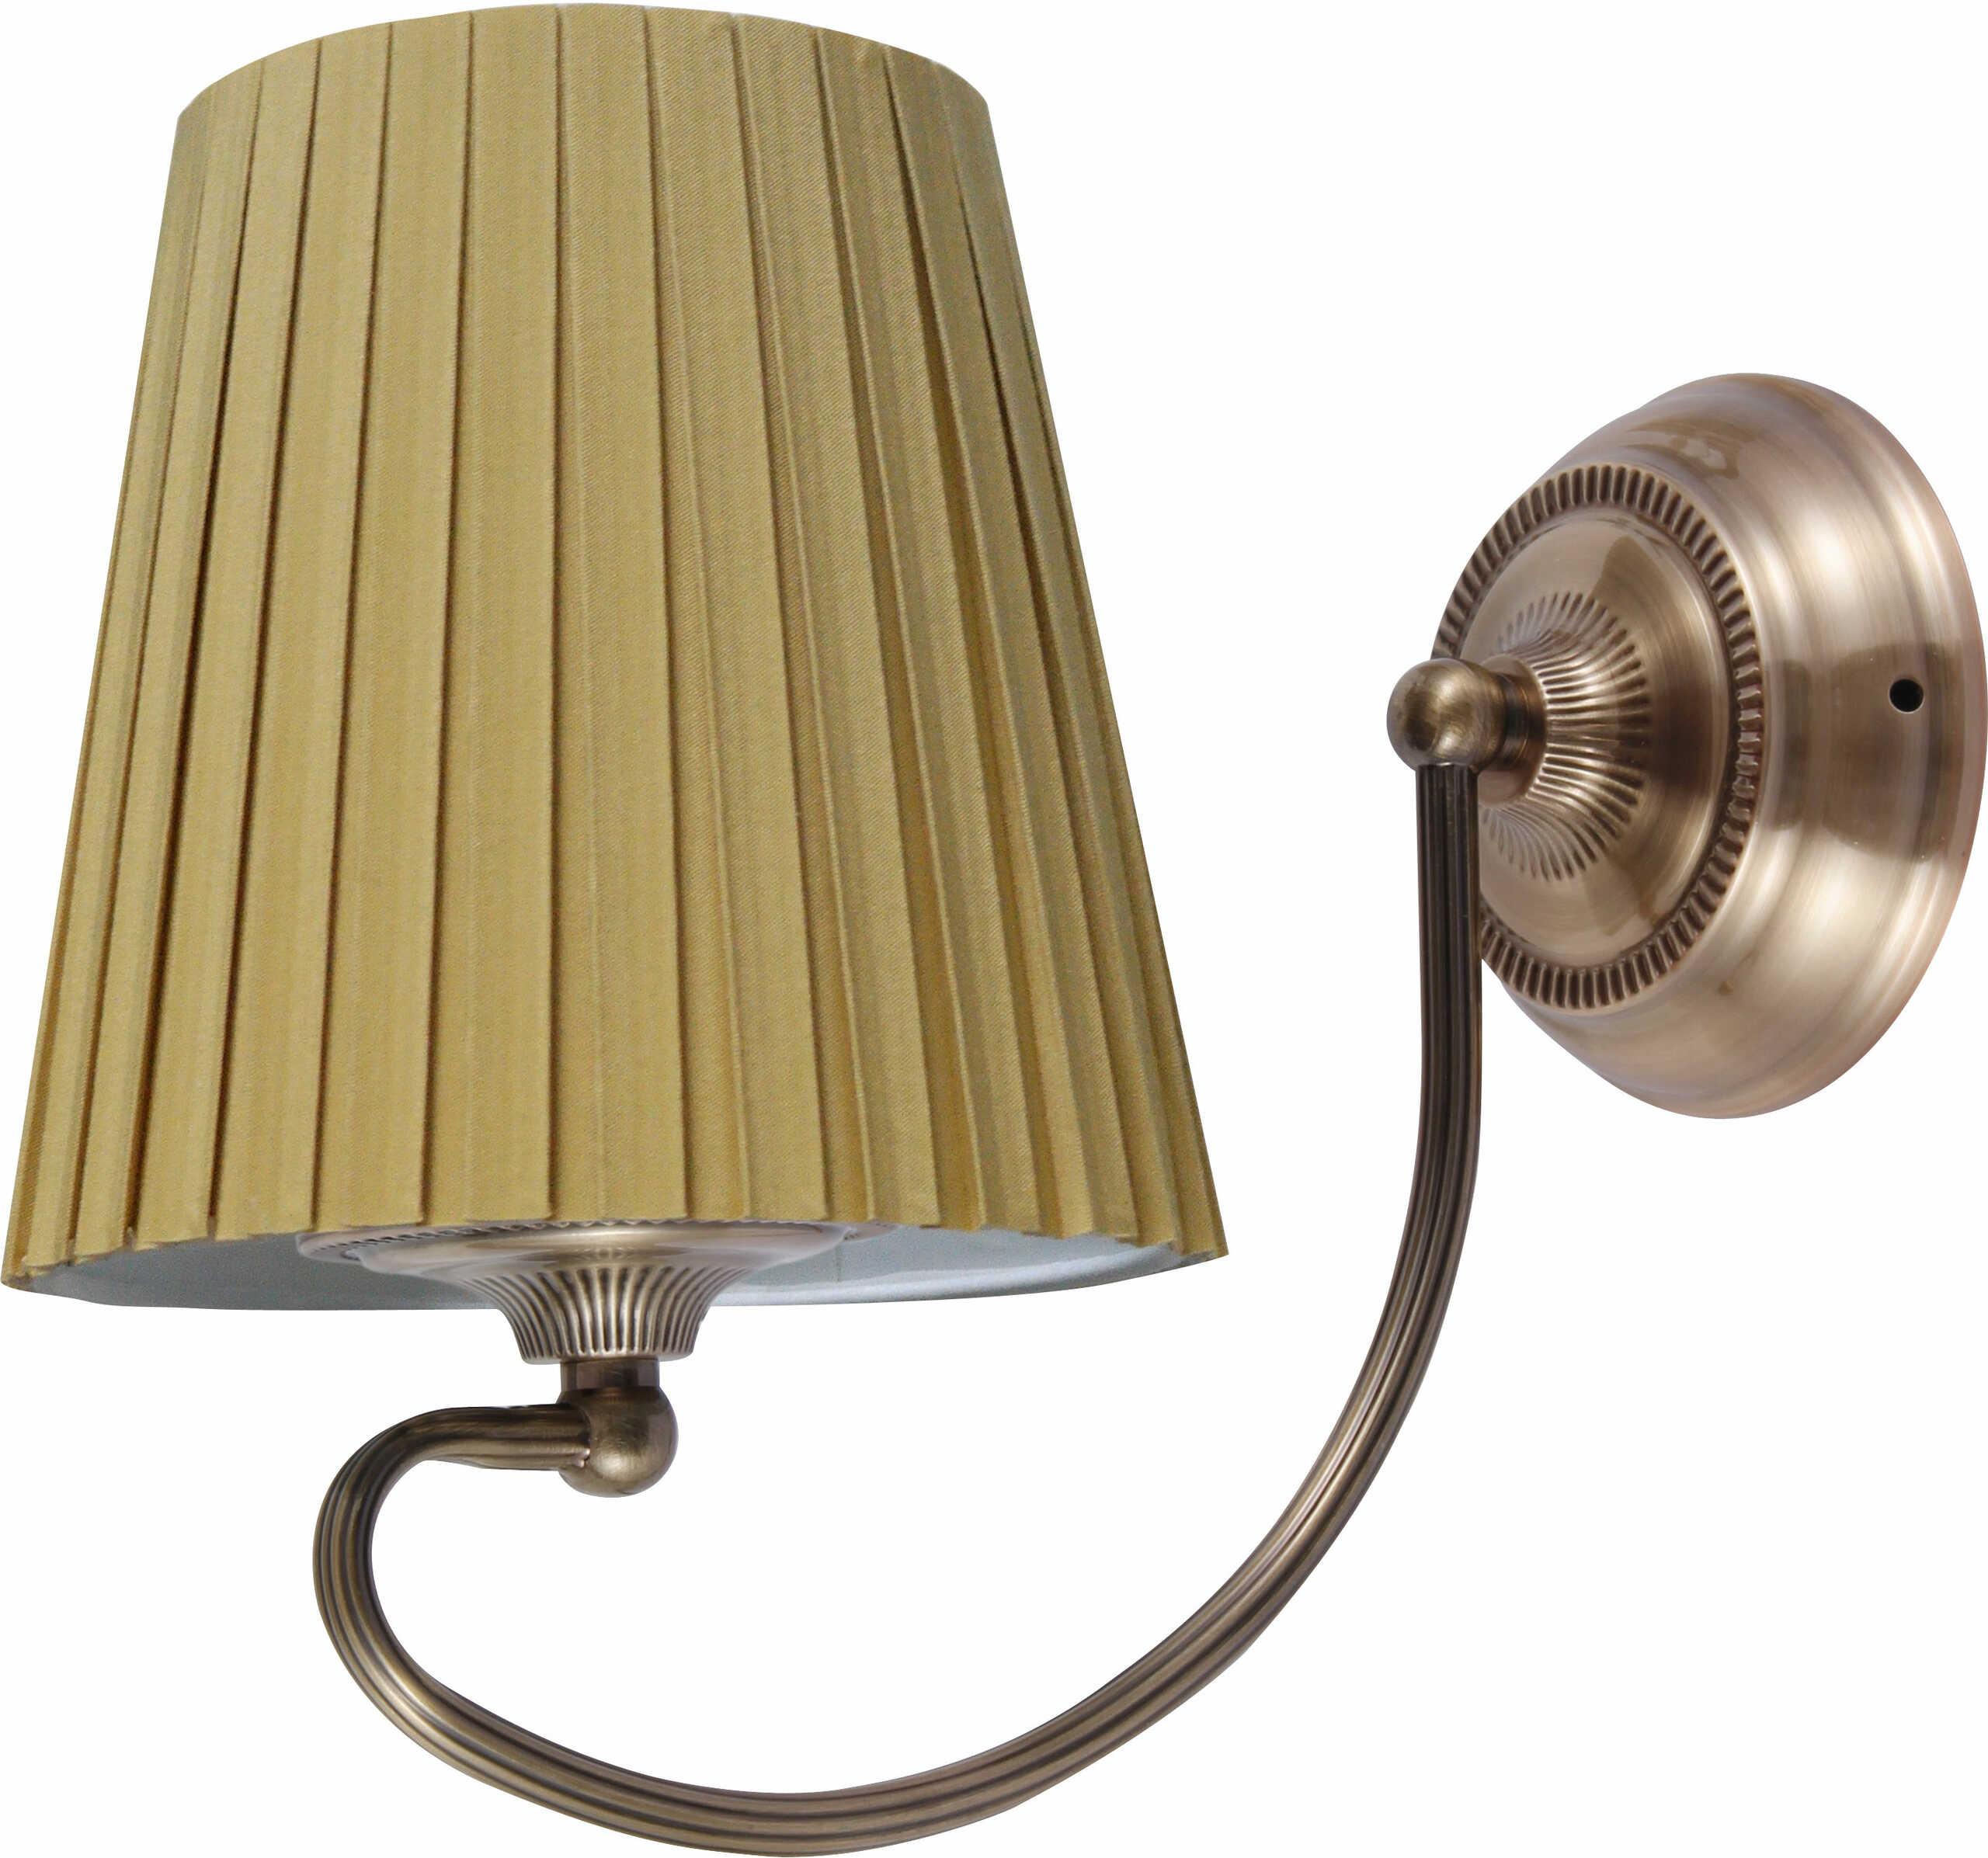 Candellux MOZART 21-33963 kinkiet lampa ścienna abażur miodowy 1X60W E27 patyna 16cm